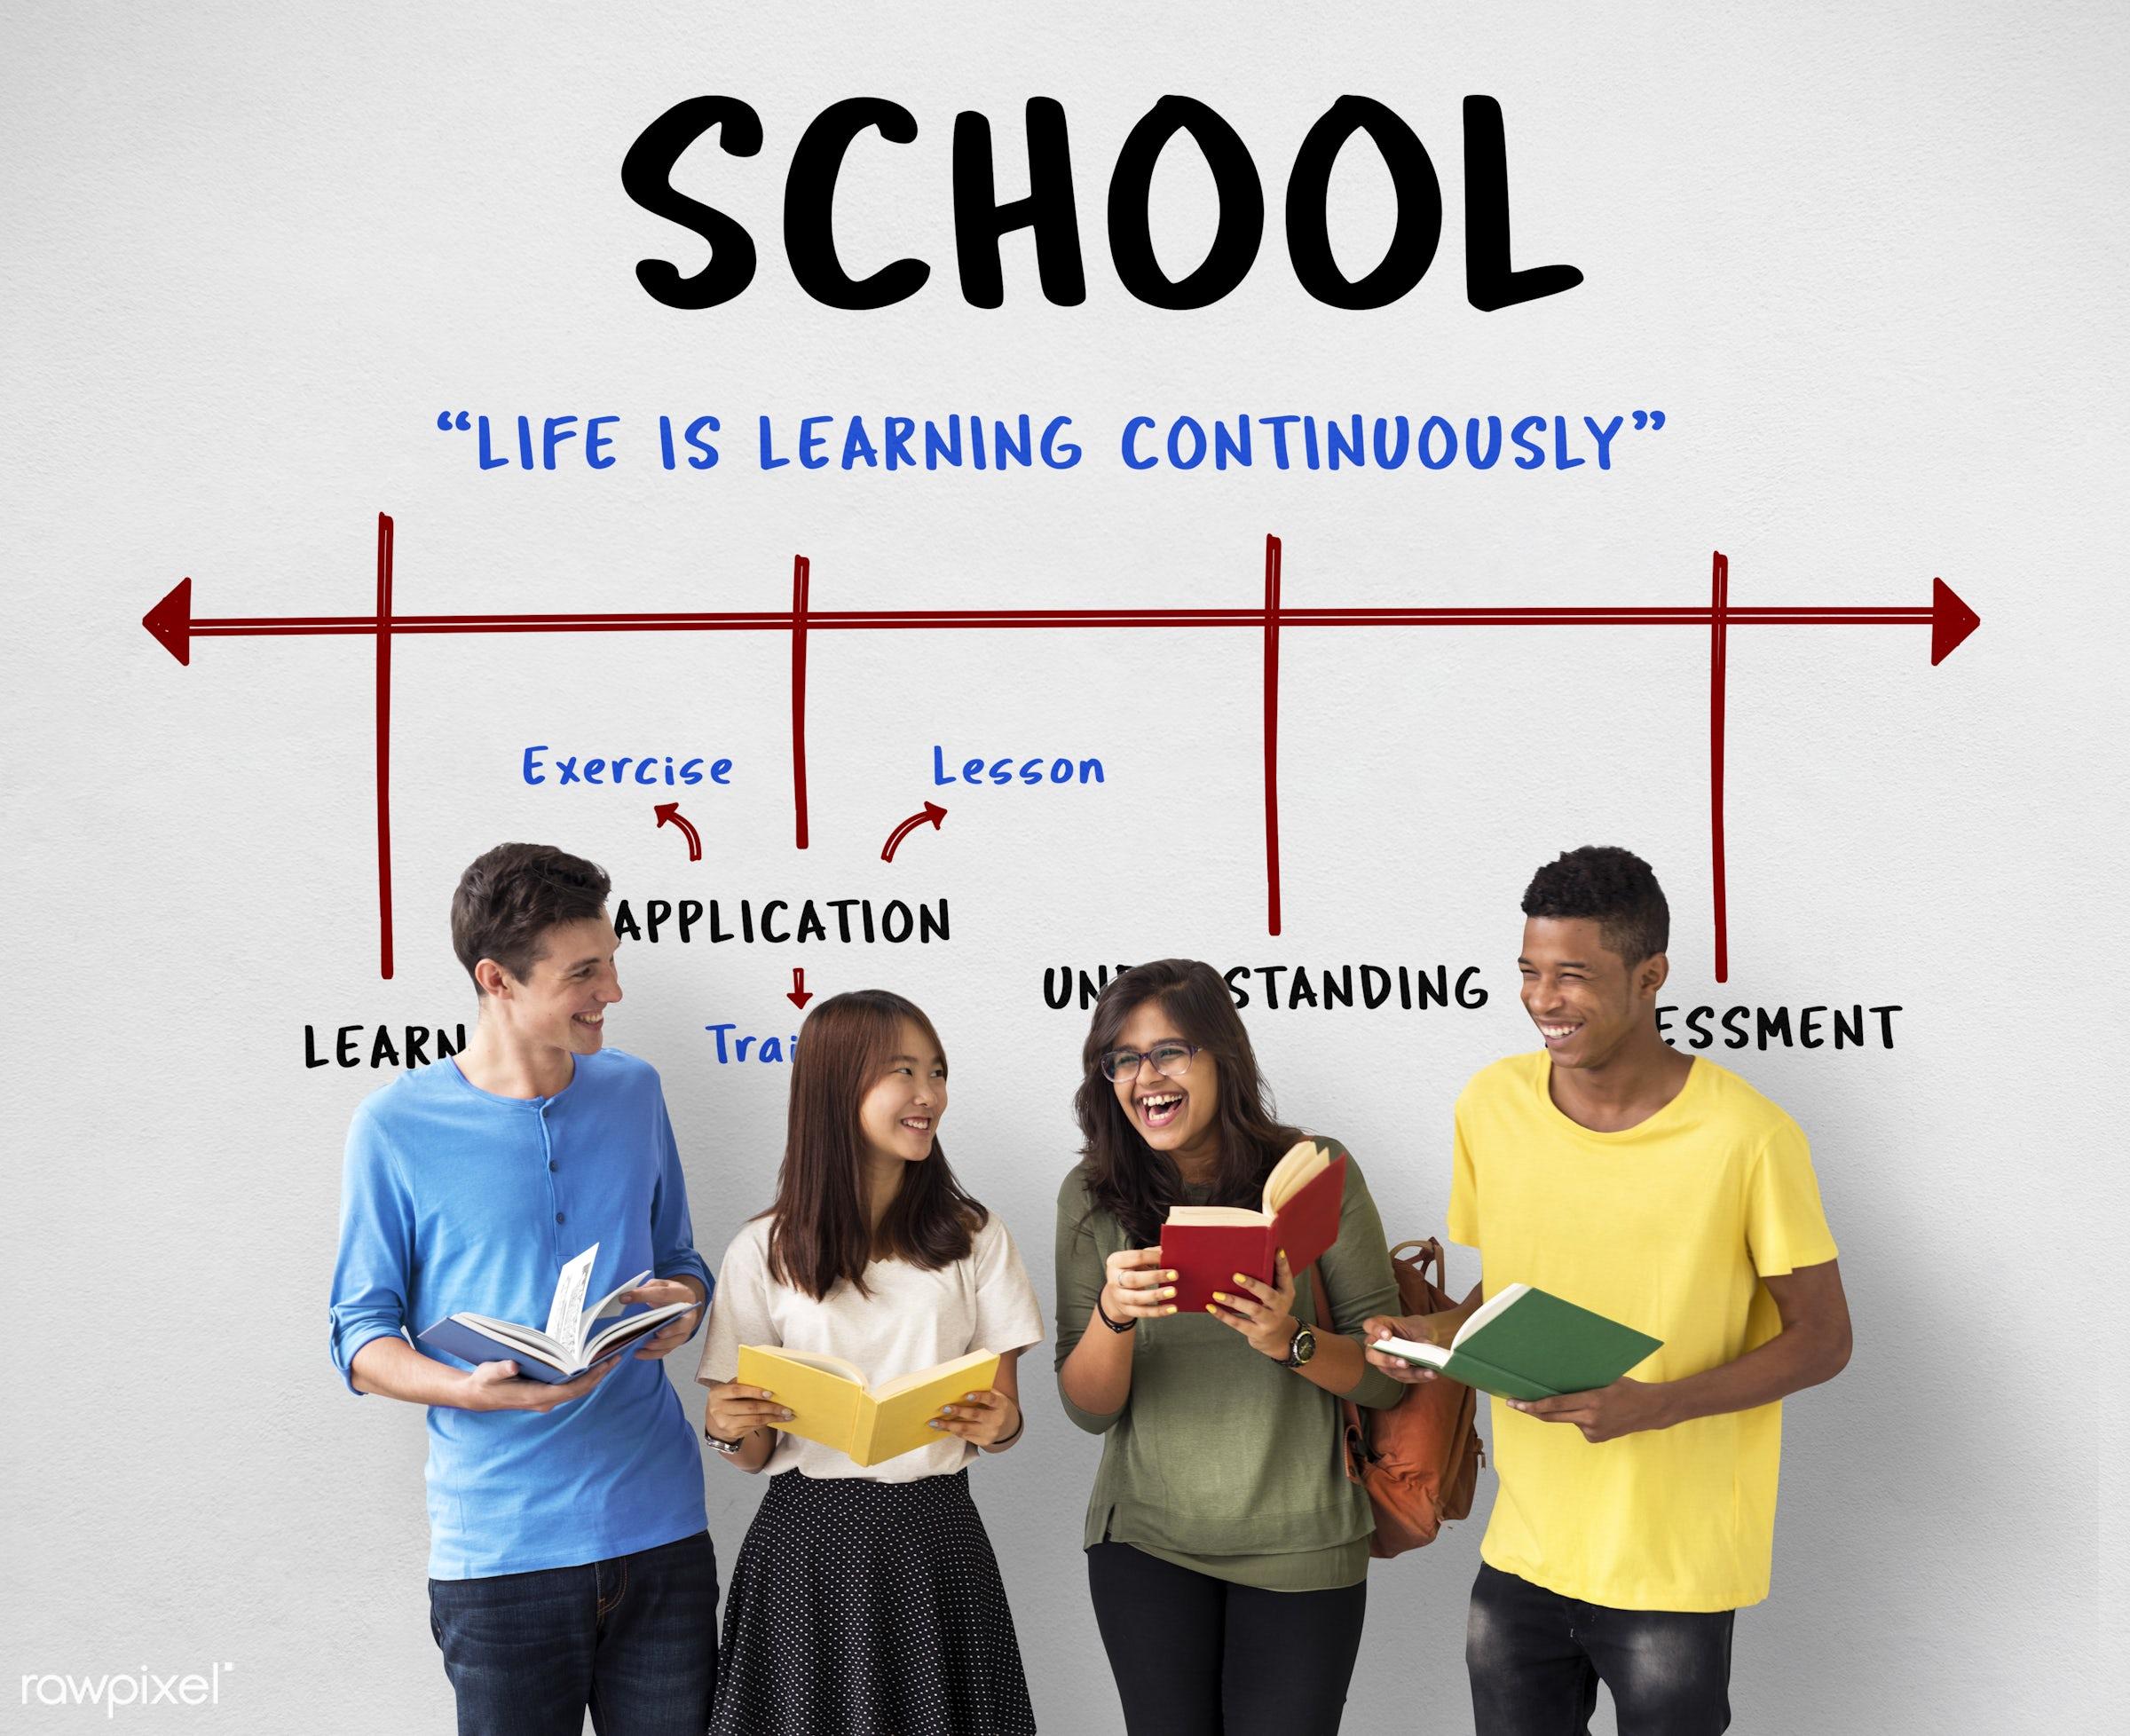 academy, african descent, application, arrow, asian, assessment, book, caucasian, certification, curriculum, degree, diploma...